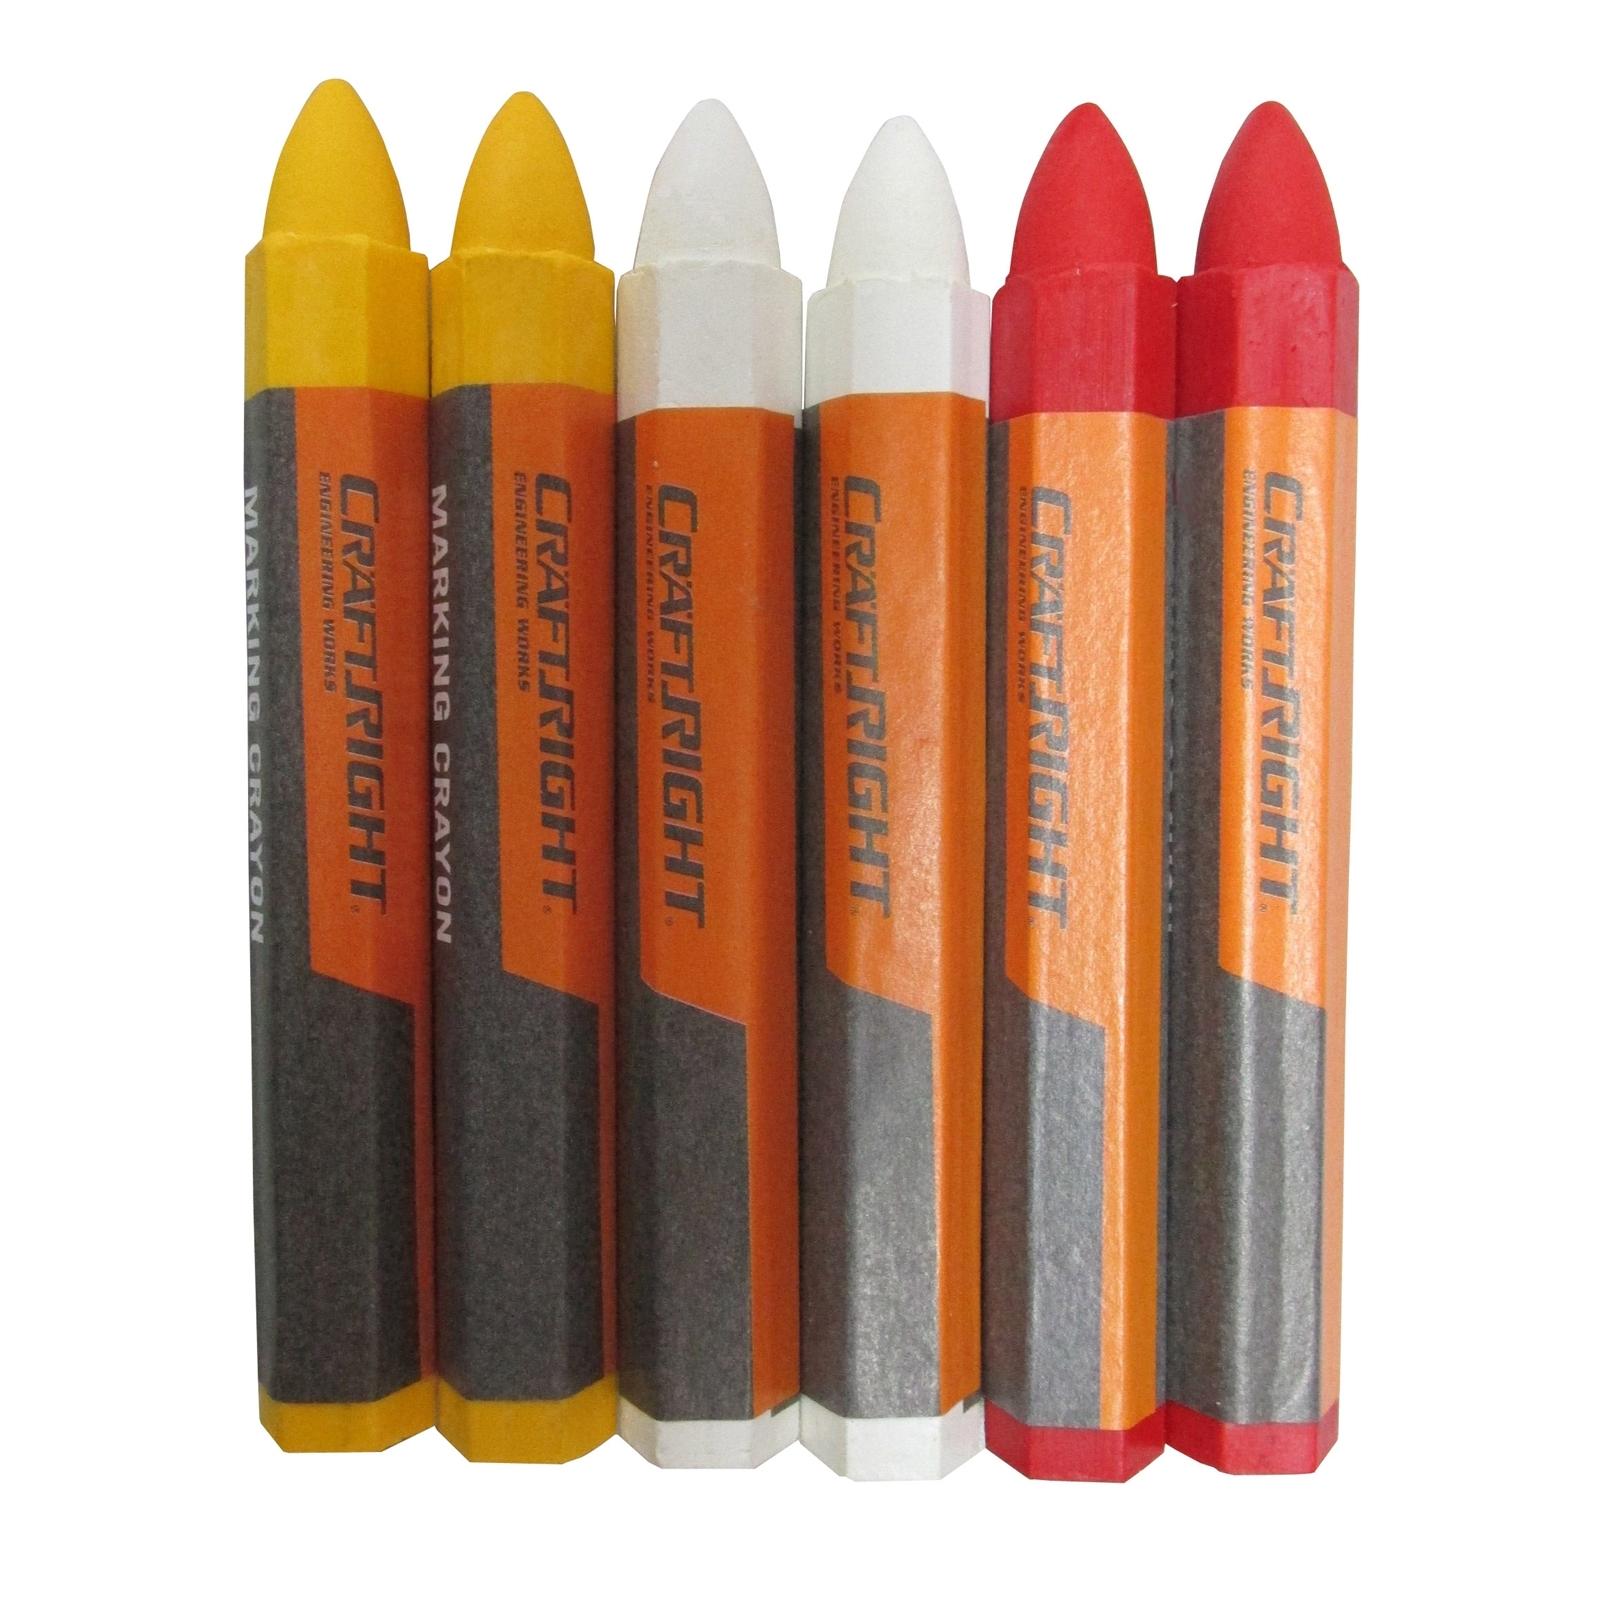 Craftright 6 Piece Builders Crayons